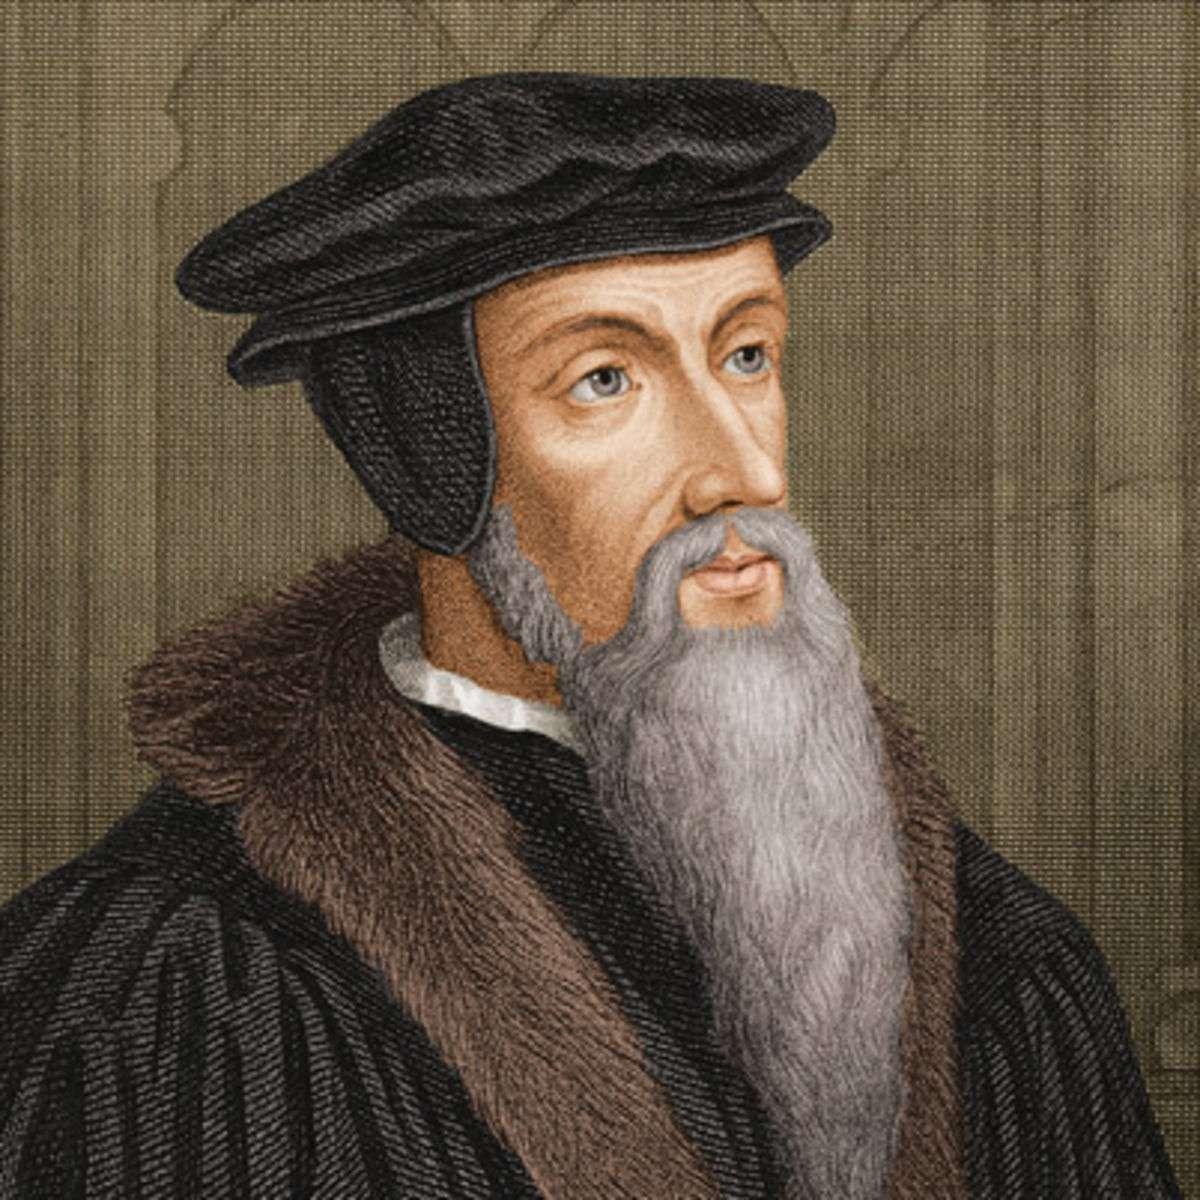 Ο Ιωάννης Καλβίνος, γαλ. Jean Calvin, πραγματικό όνομα Jehan Cauvin, (10 Ιουλίου 1509 - 27 Μαΐου 1564) γεννήθηκε στο Νουαγιόν της Πικαρδίας στη Γαλλία.